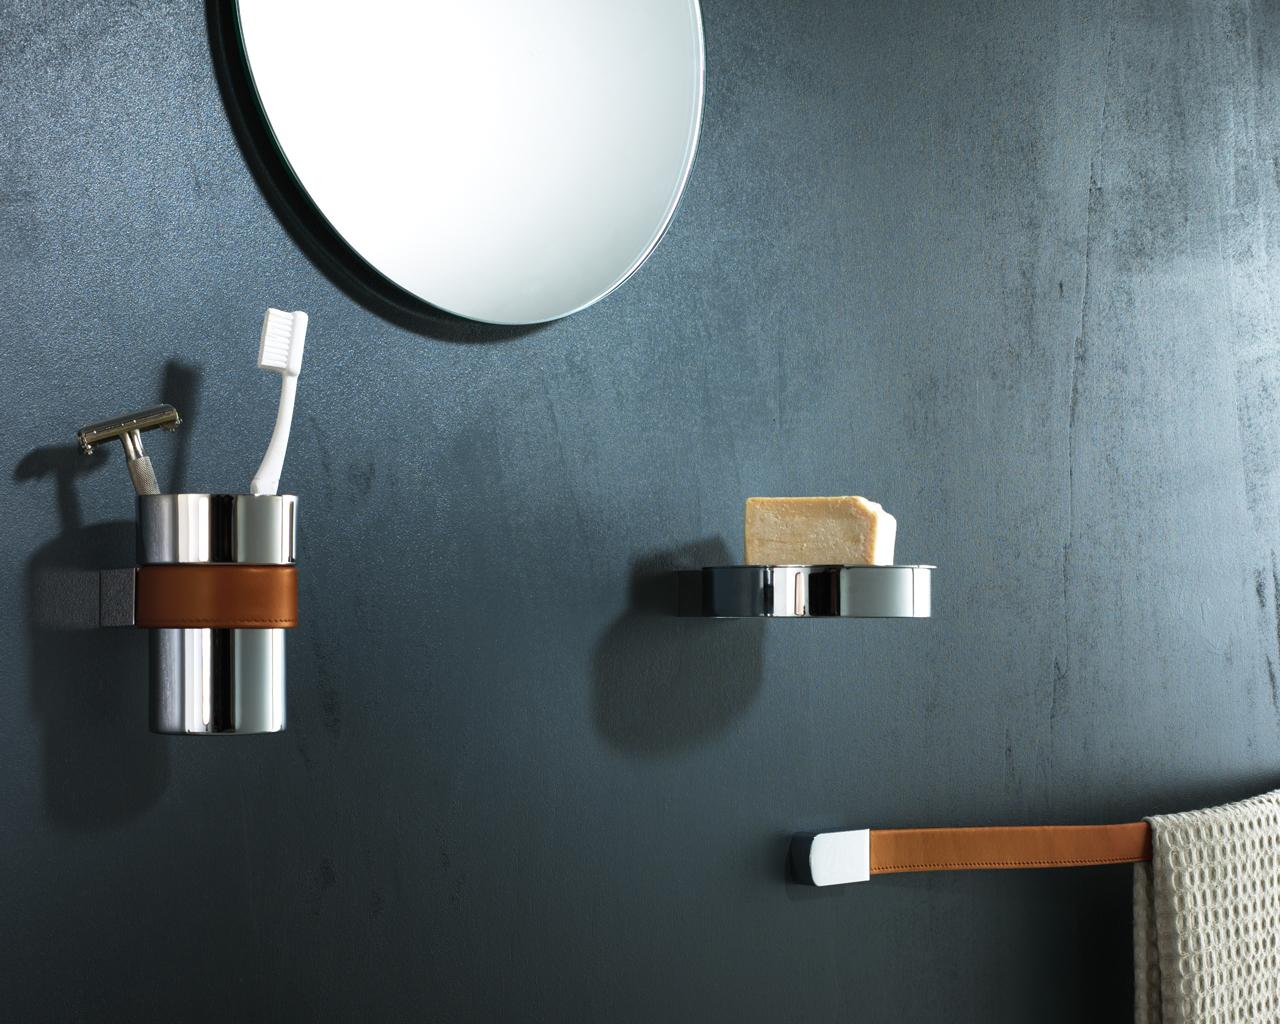 Valli accessori ambiente bagno - Gallery Home Torino